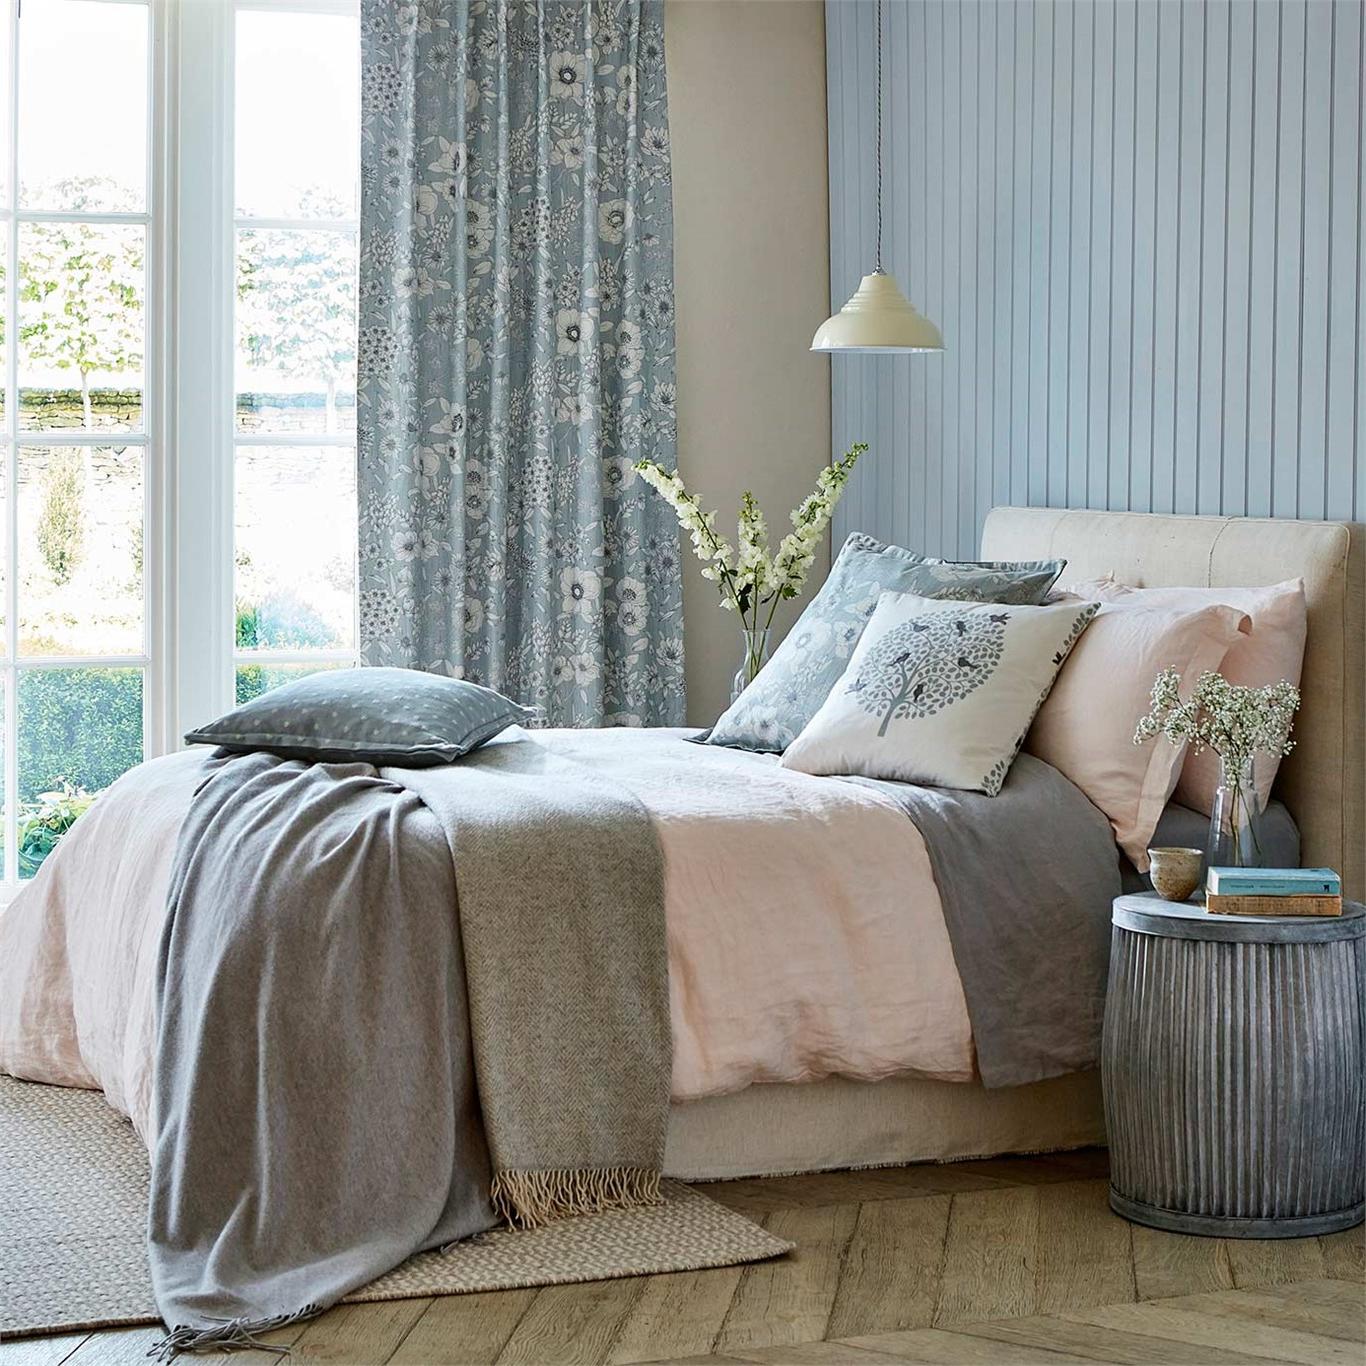 Les rideaux et le linge de lit sont idéals pour introduire les motifs floraux.